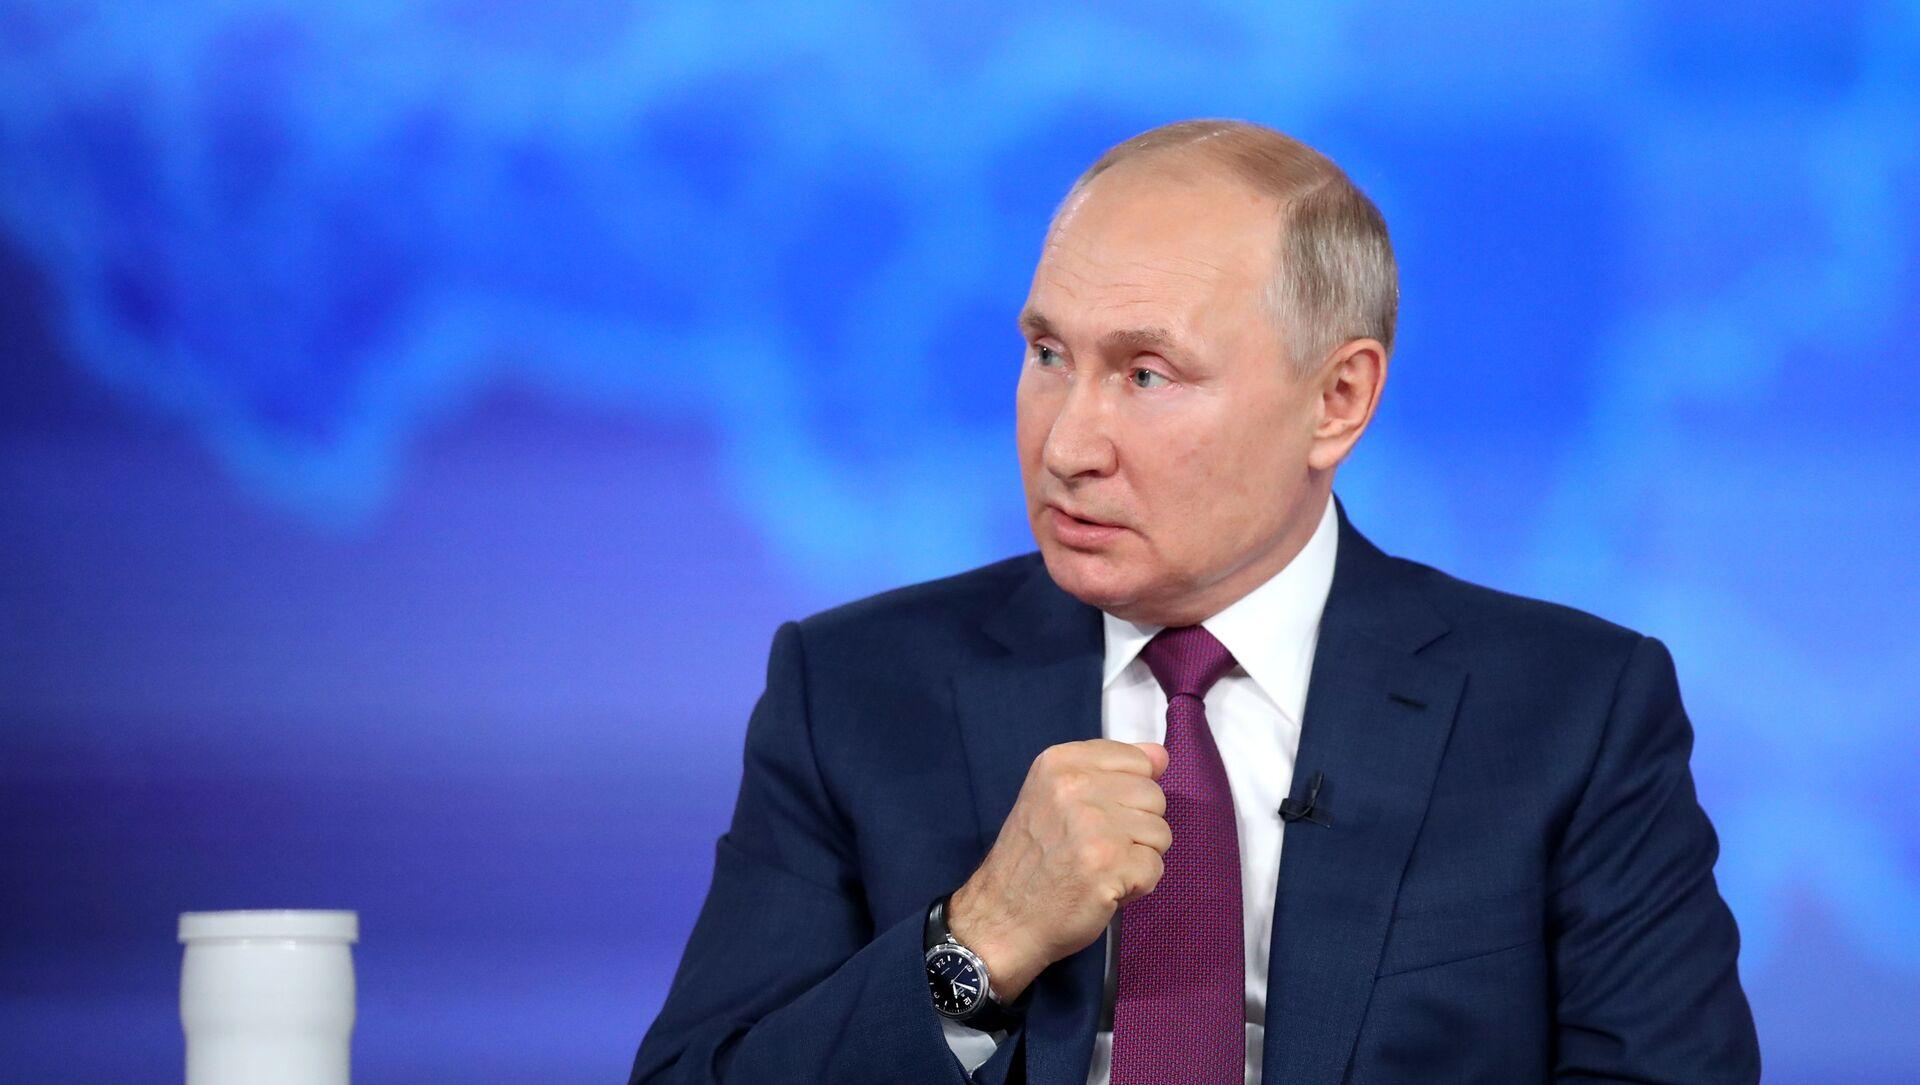 Rusiya prezidenti Vladimir Putin, 30 iyun 2021-ci il - Sputnik Azərbaycan, 1920, 03.09.2021